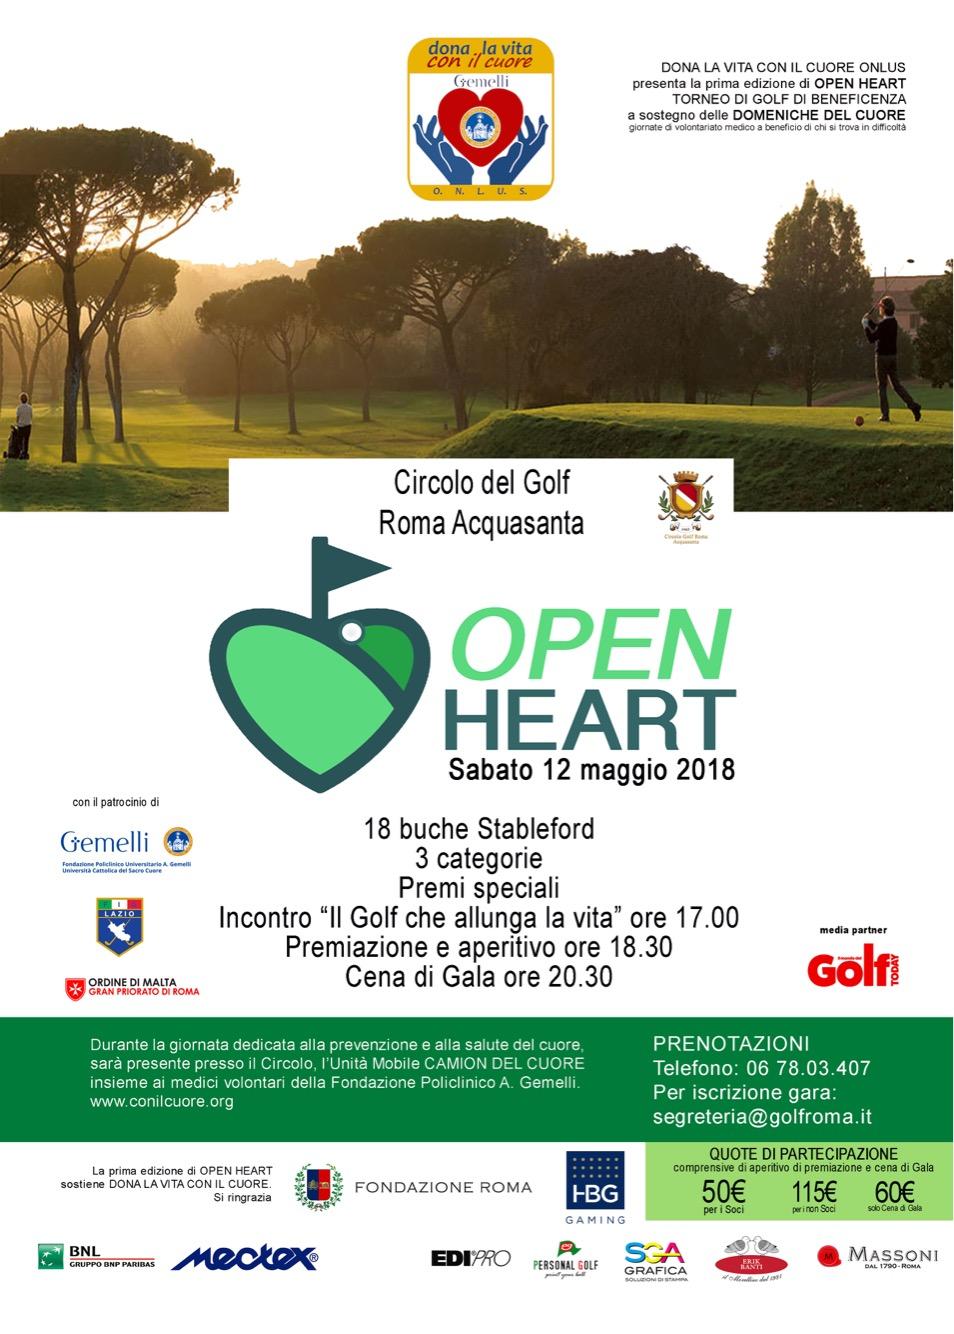 OPEN HEART - Sabato 12 maggio 2018 - Circolo del Golf – Roma Acquasanta